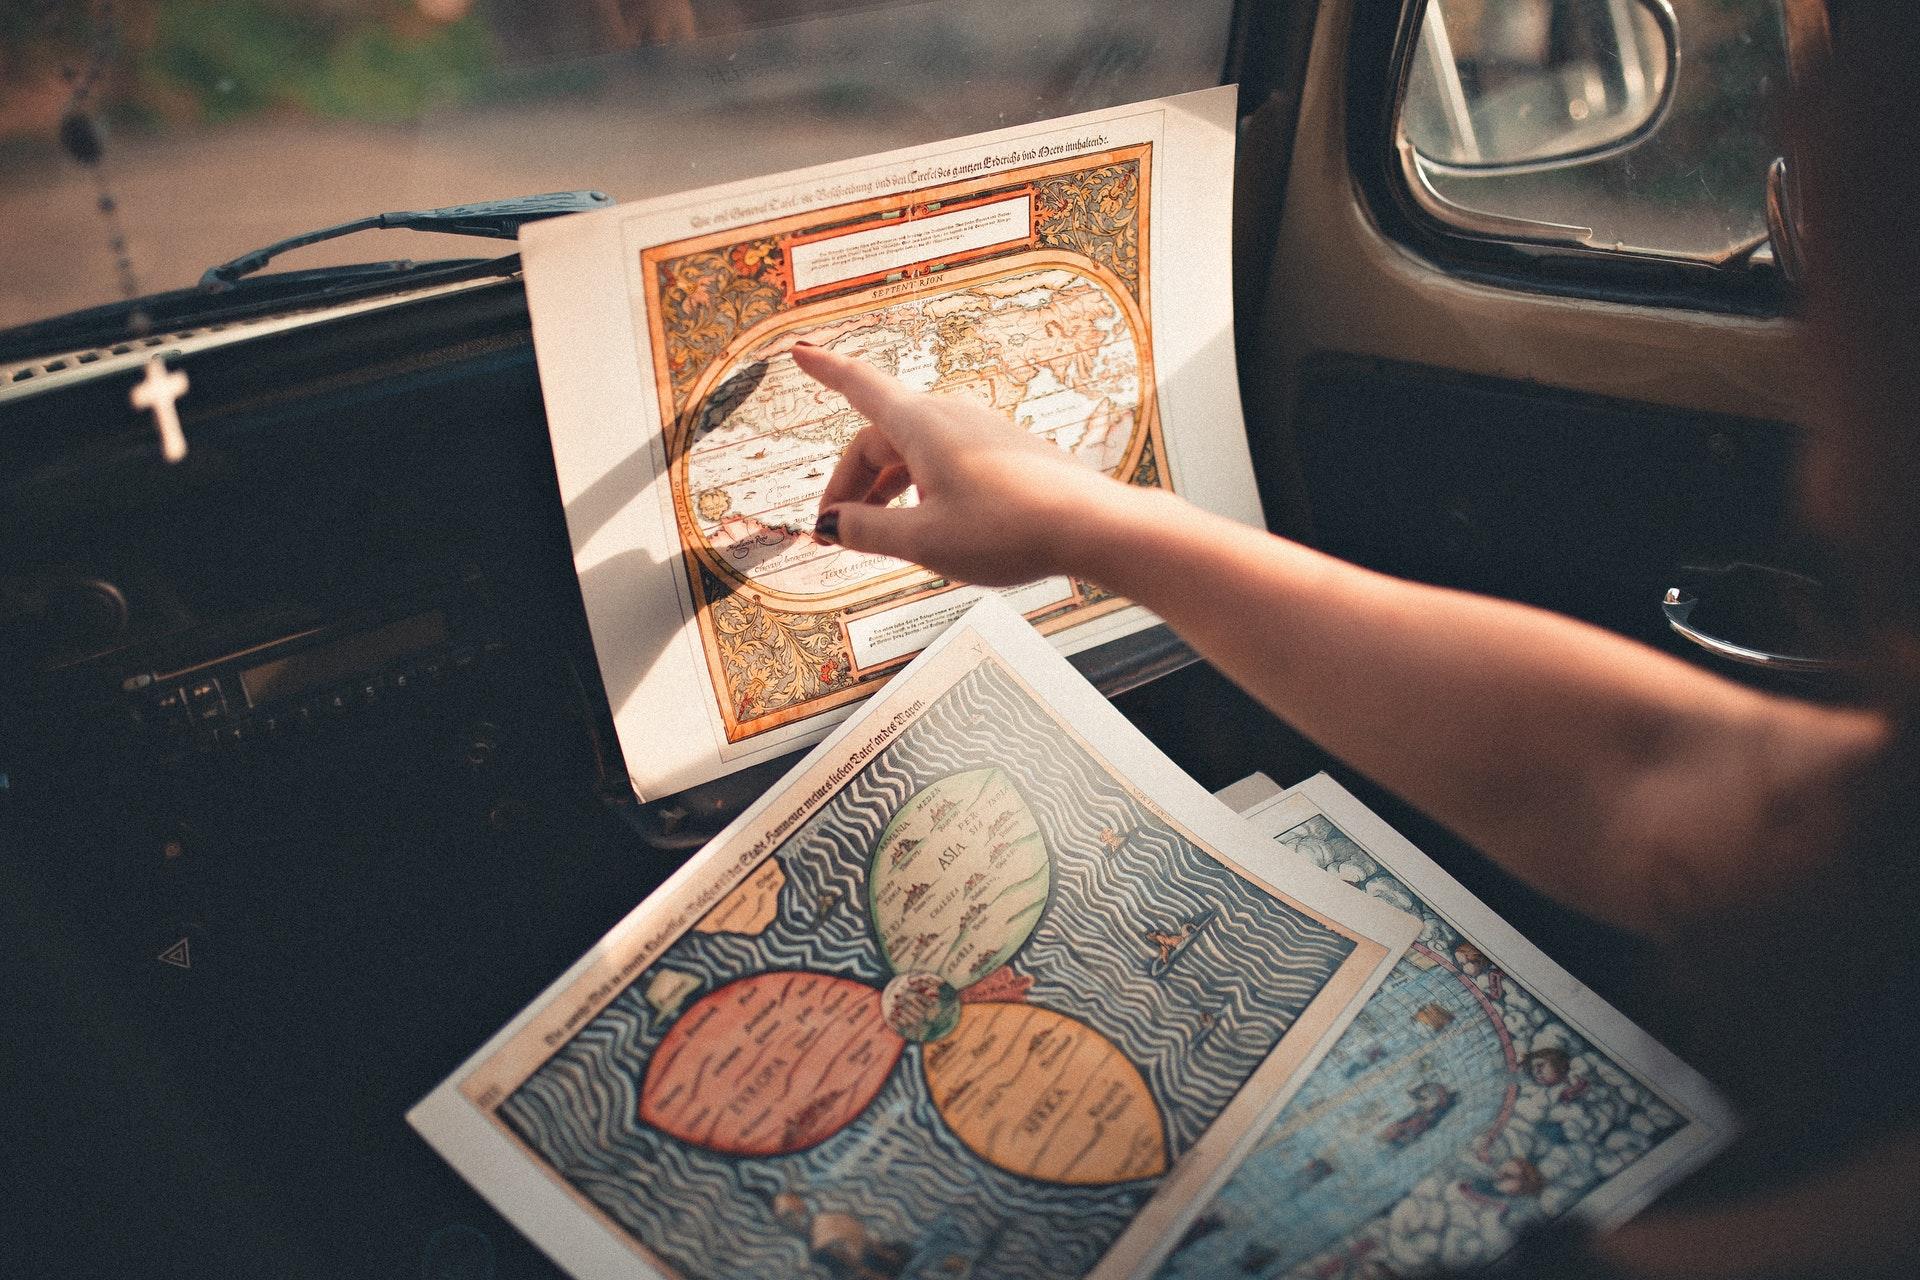 月刊:よげんの書アーカイブ~【2021年3月号】前編 ―― 歴史を参照してPostコロナを考えよう